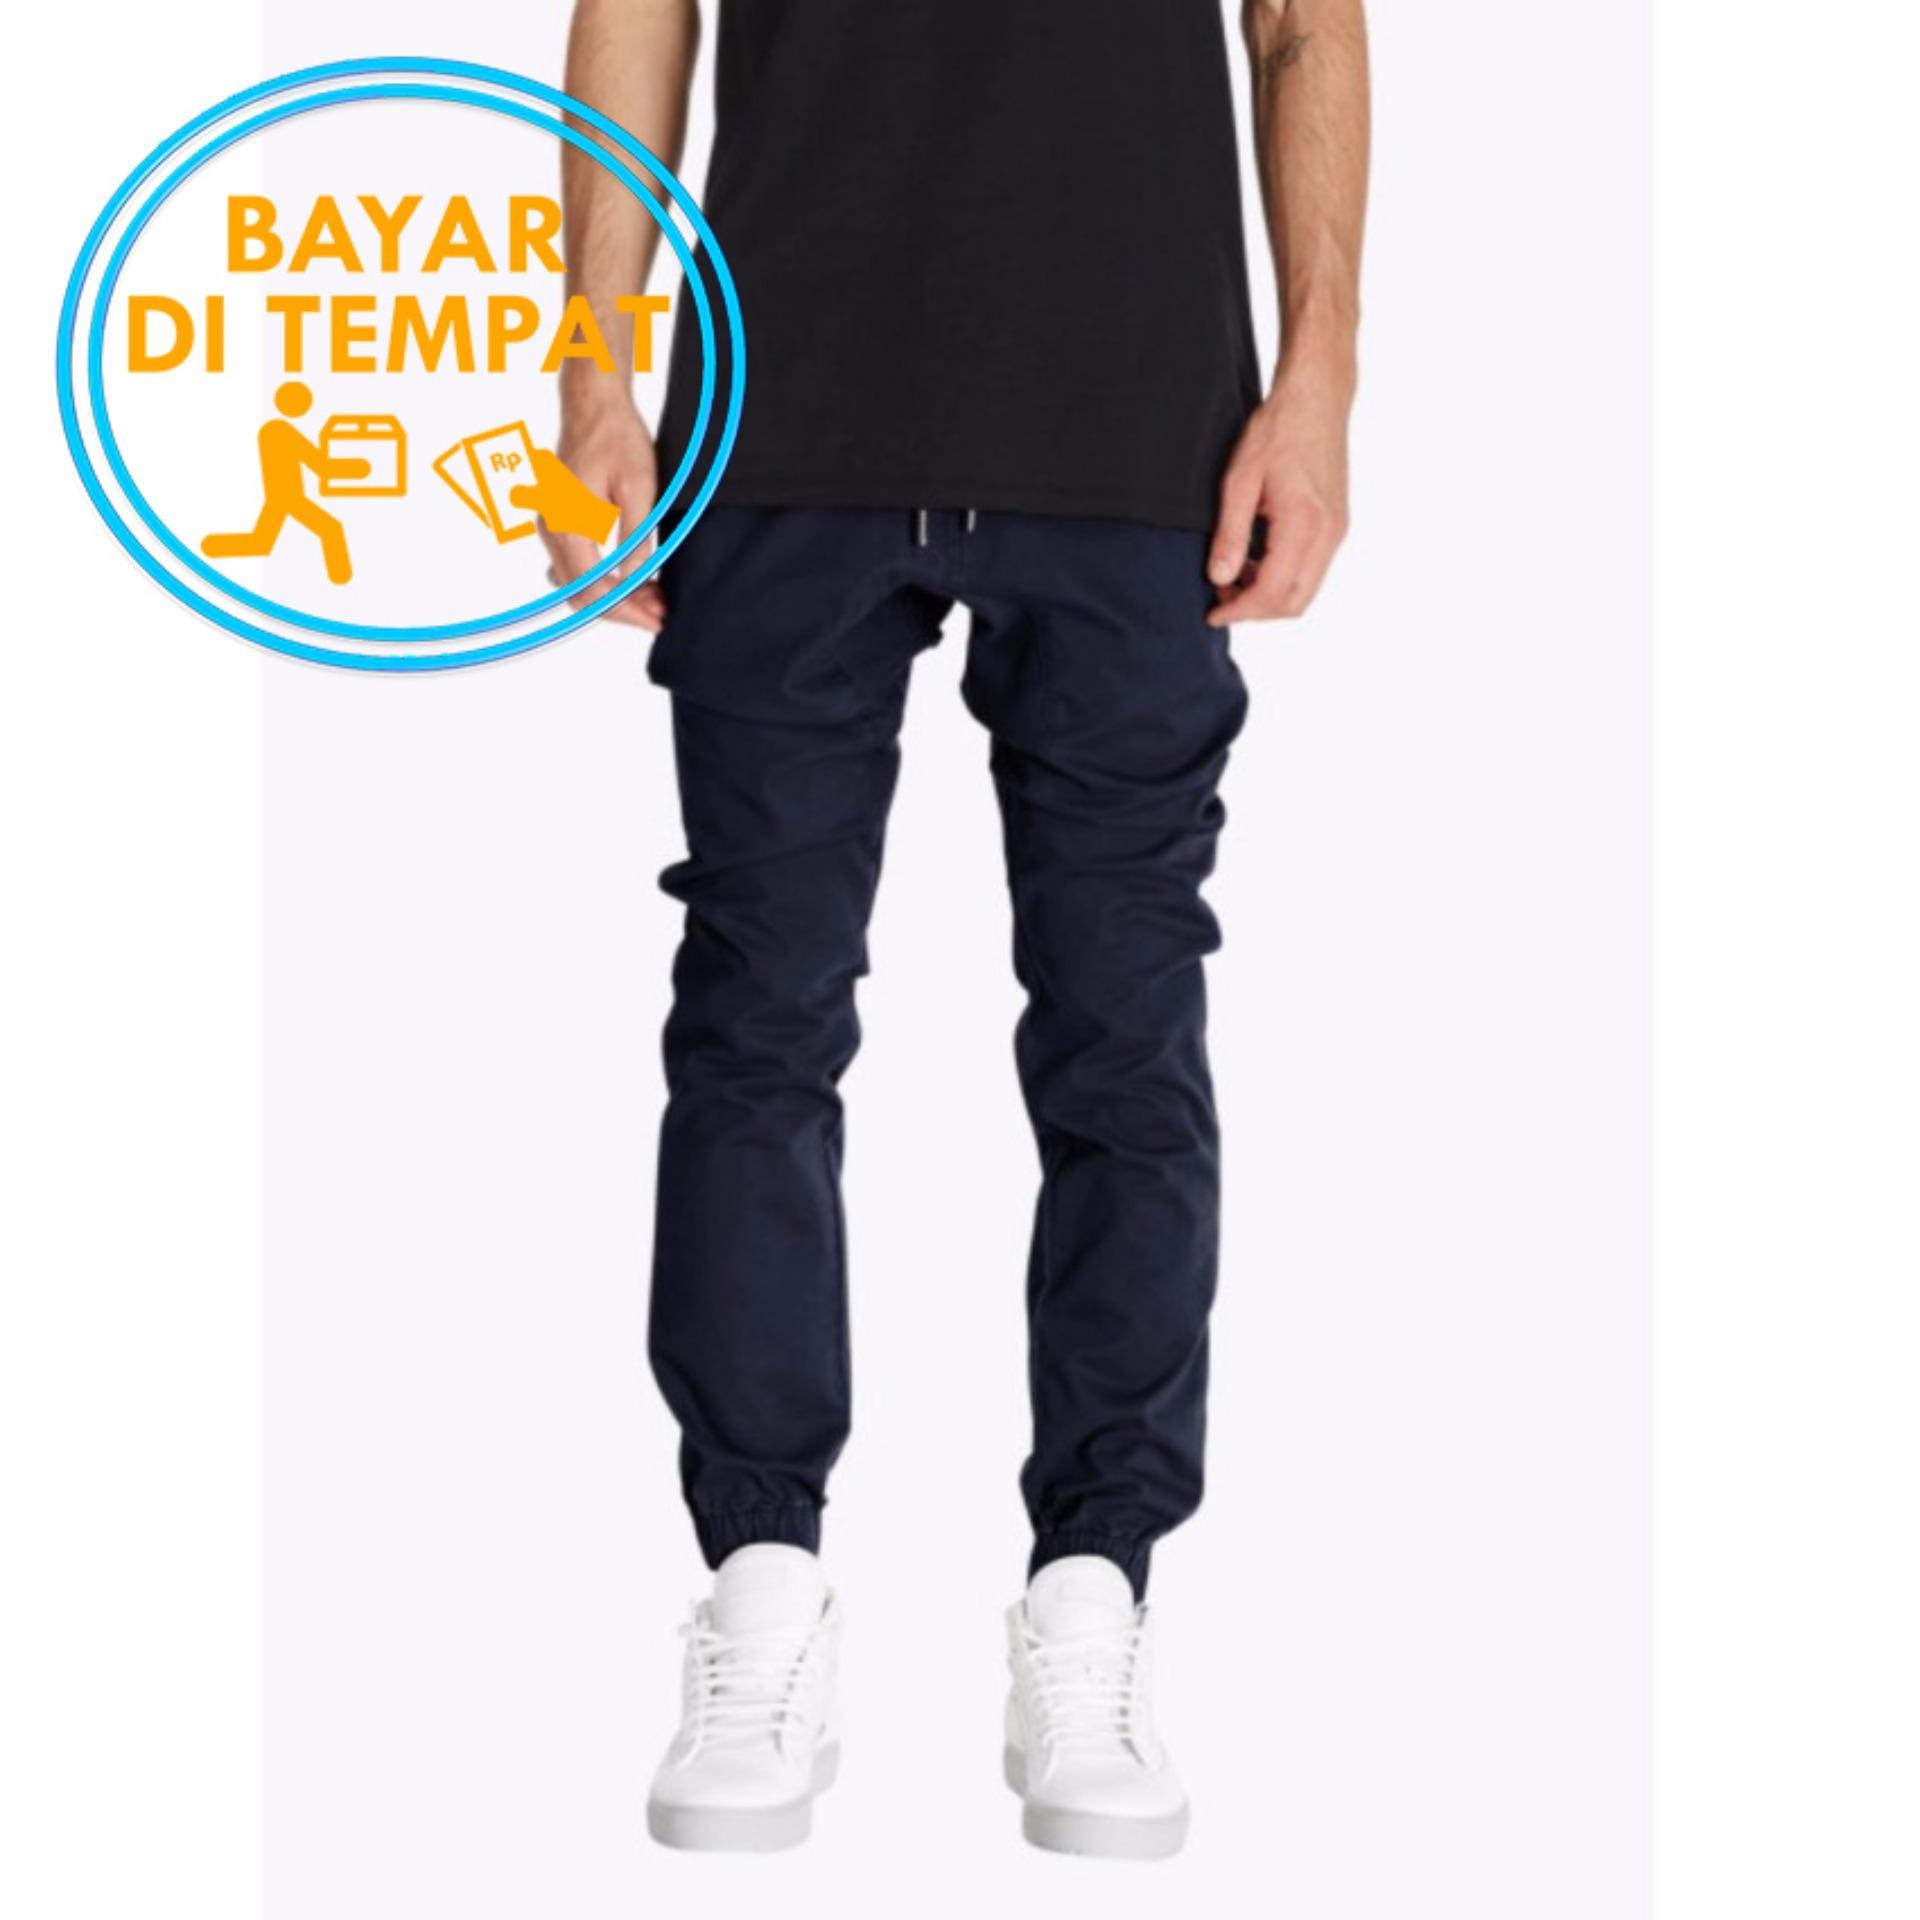 Spesifikasi Celana Murah Pria Jogger Pants Navy Biru Dongker Yang Bagus Dan Murah